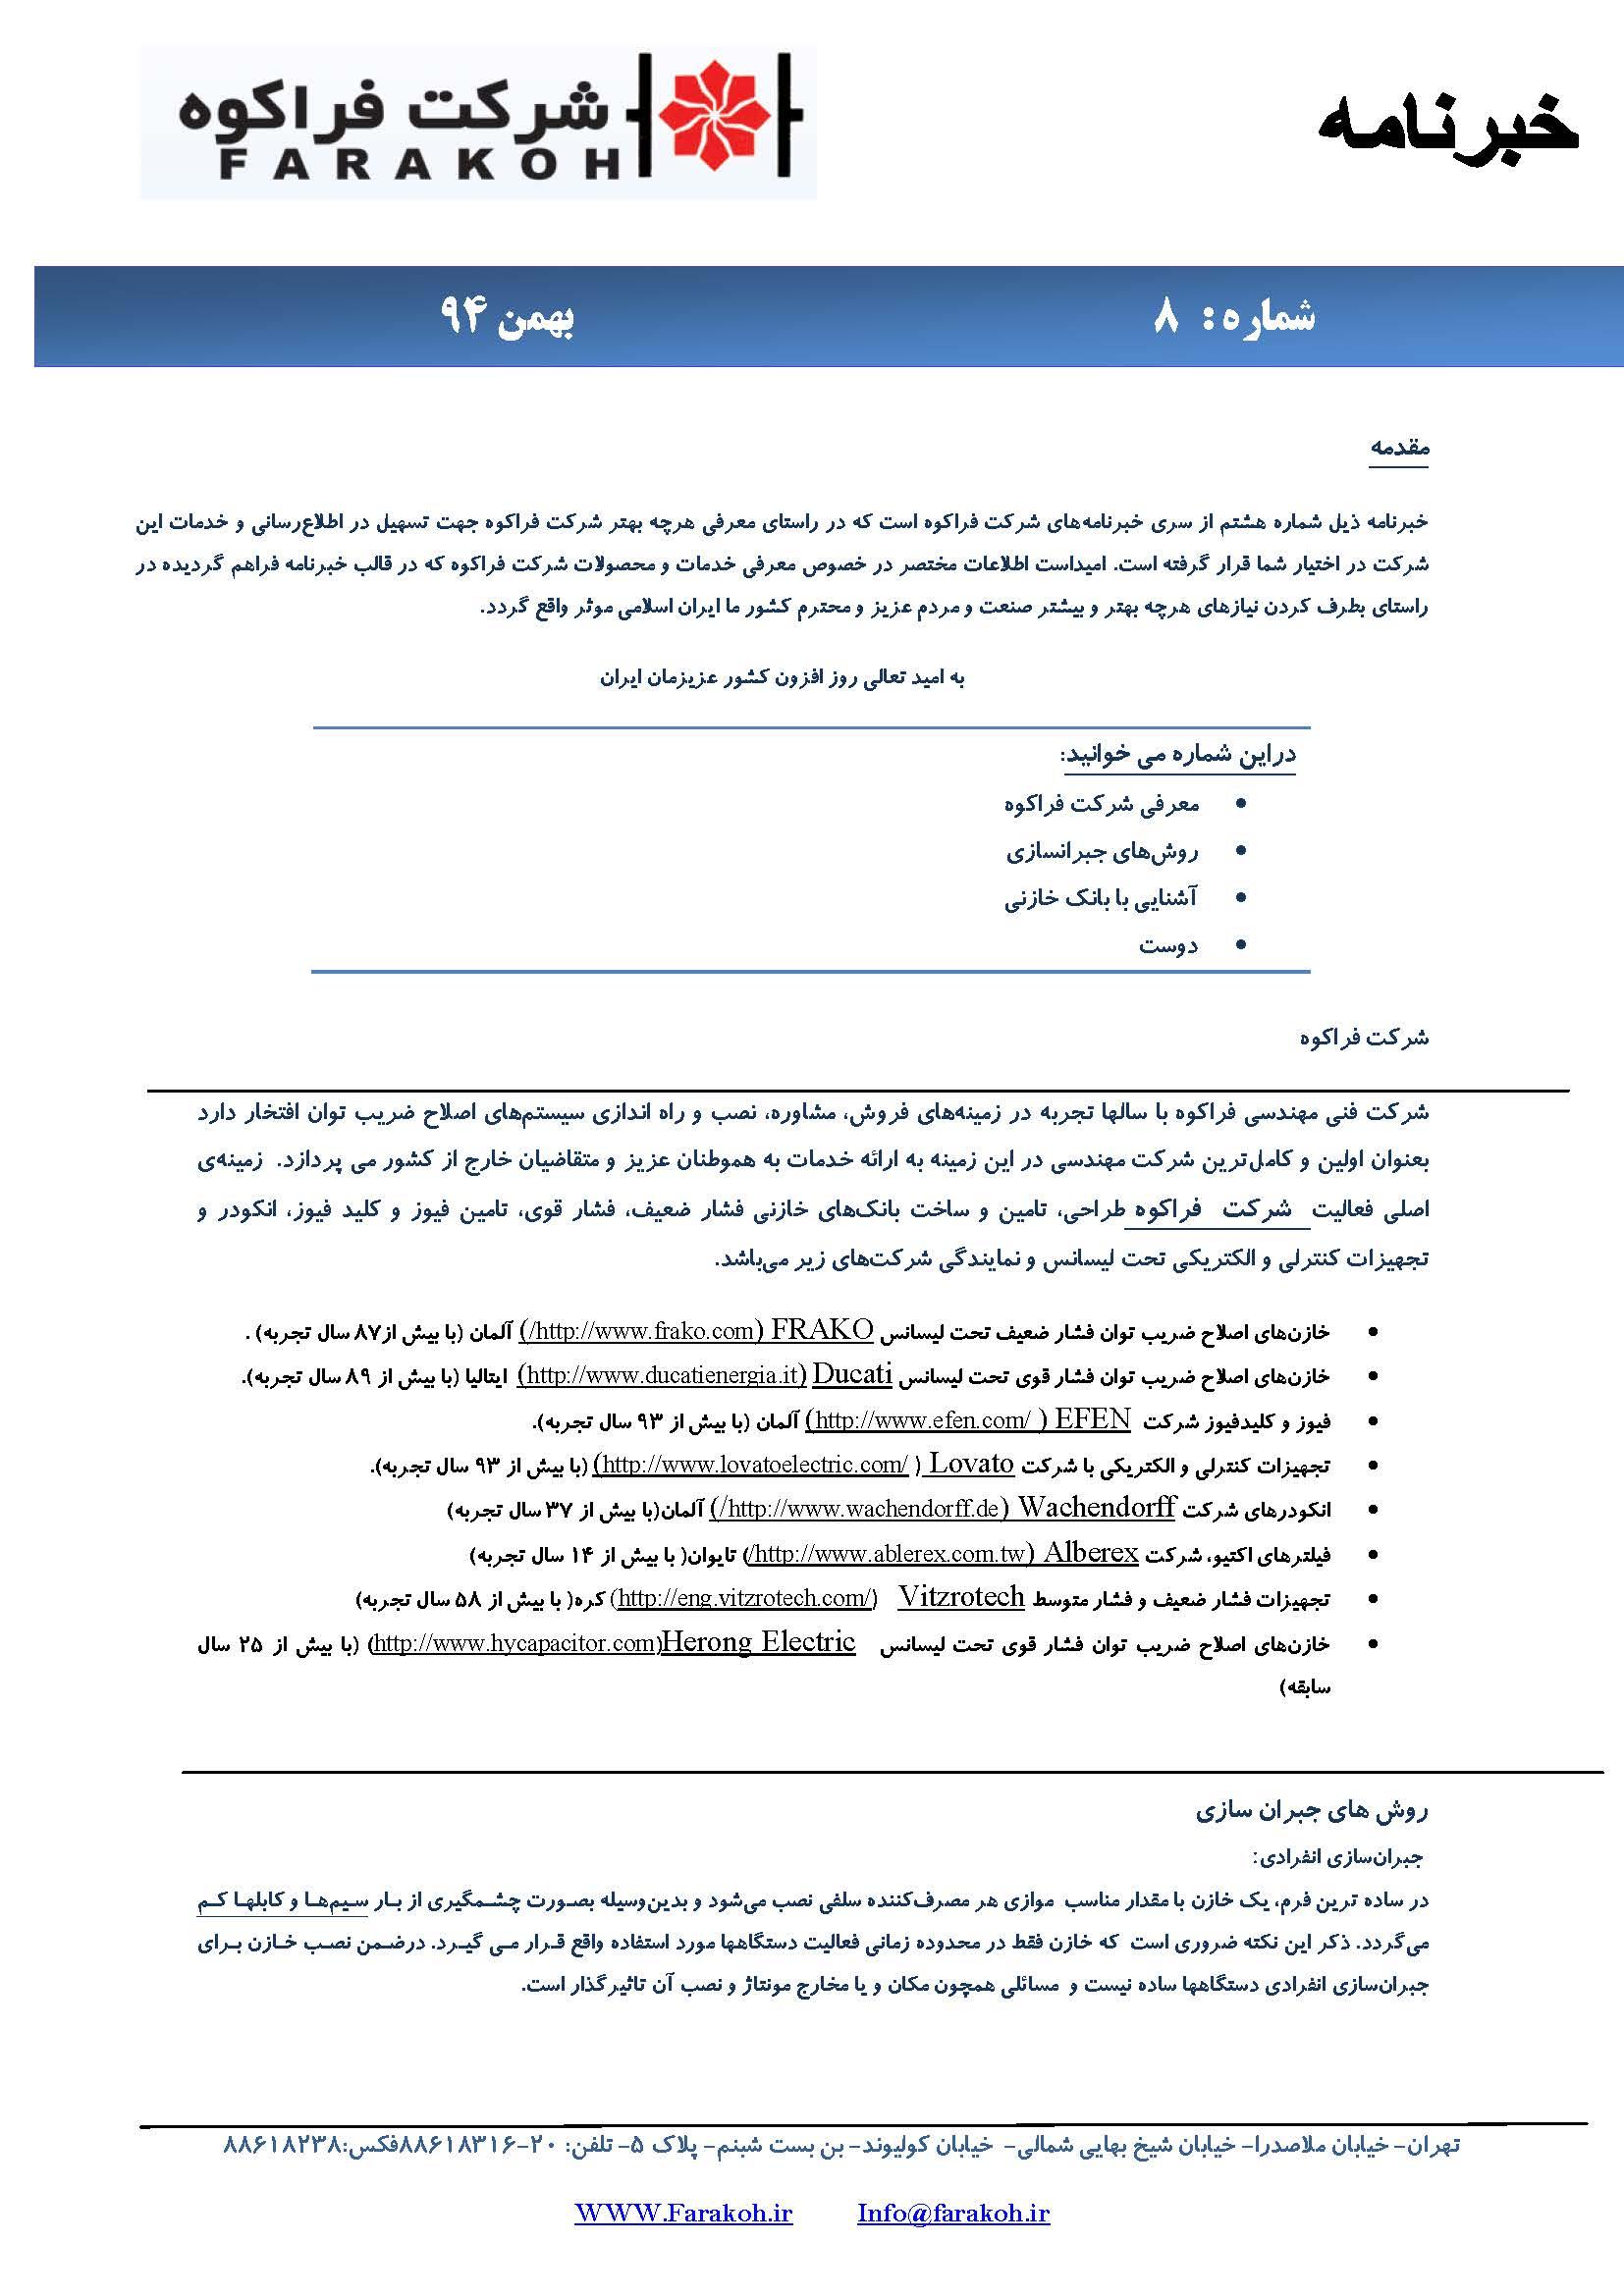 خبرنامه-شماره-۸_Page_1